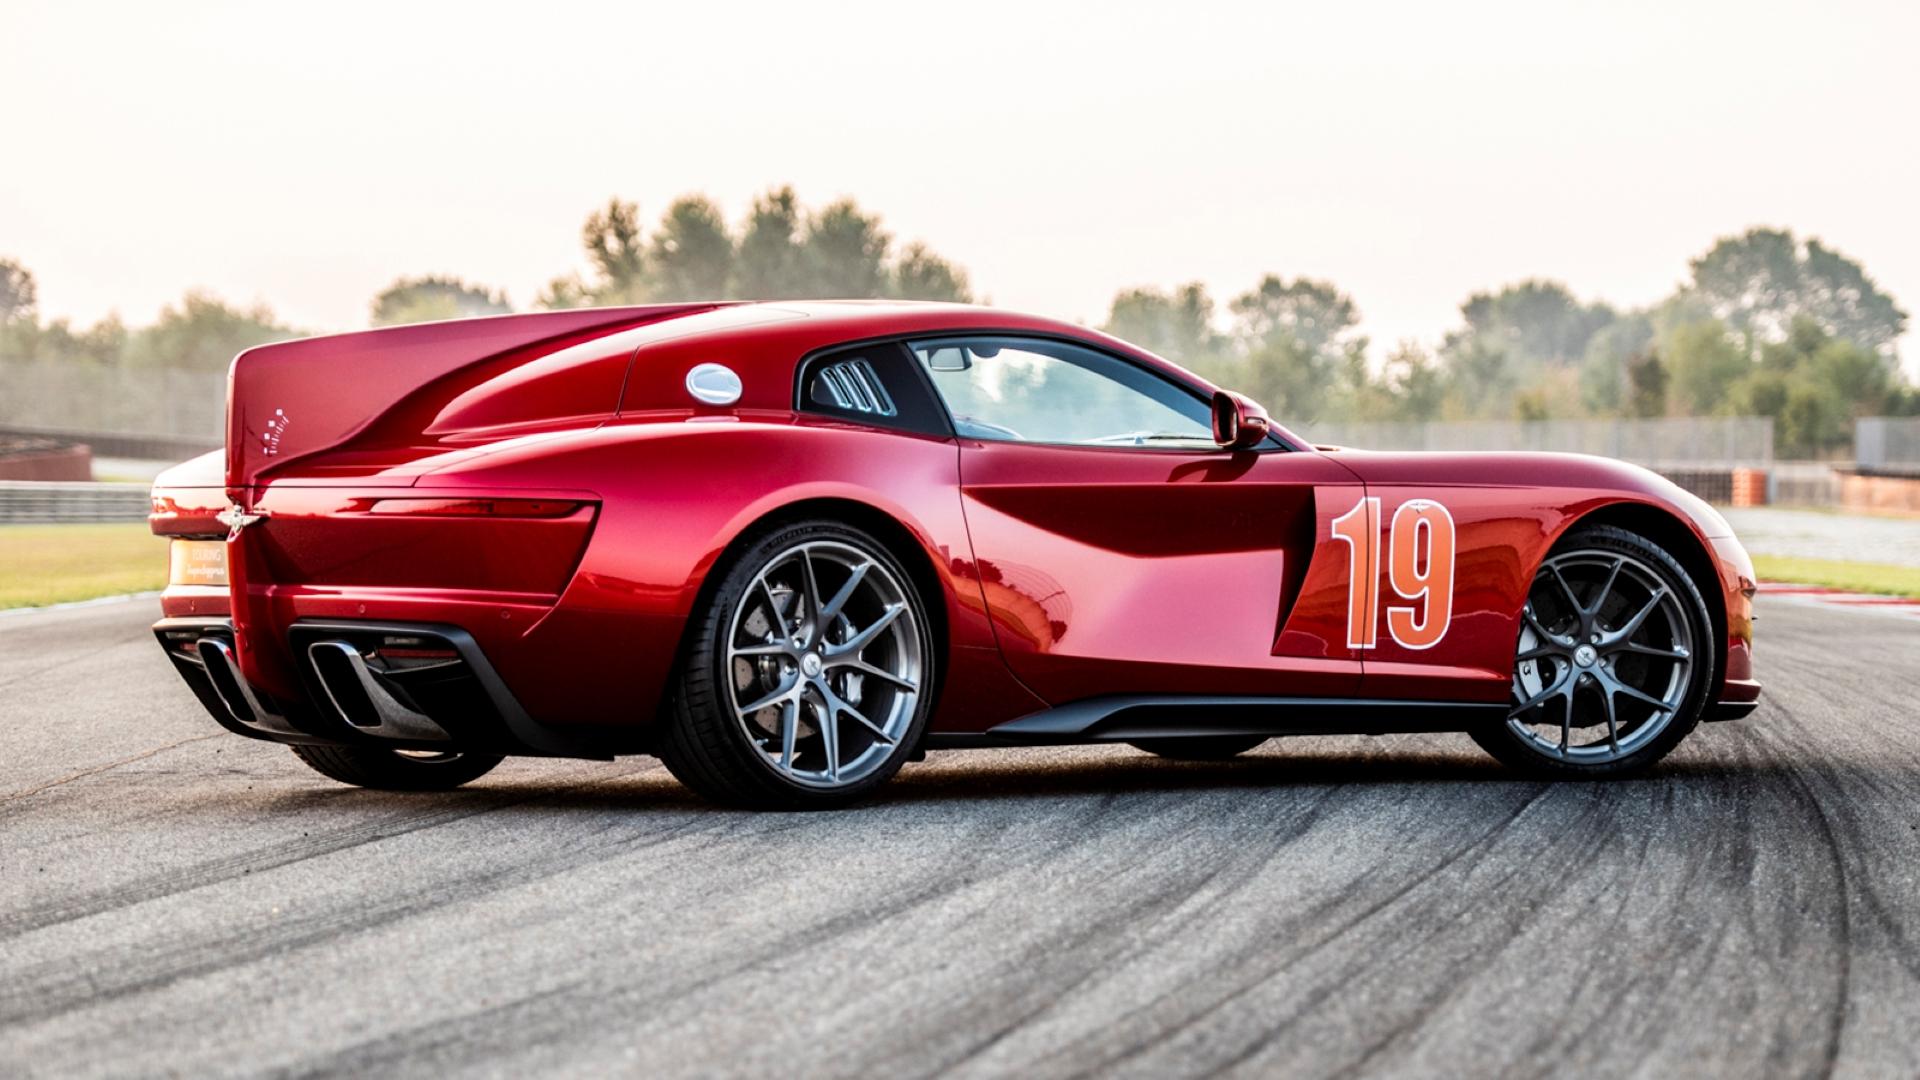 Un Superleggera Aero 3 fabricado sobre un Ferrari F12 Berlinetta rojo